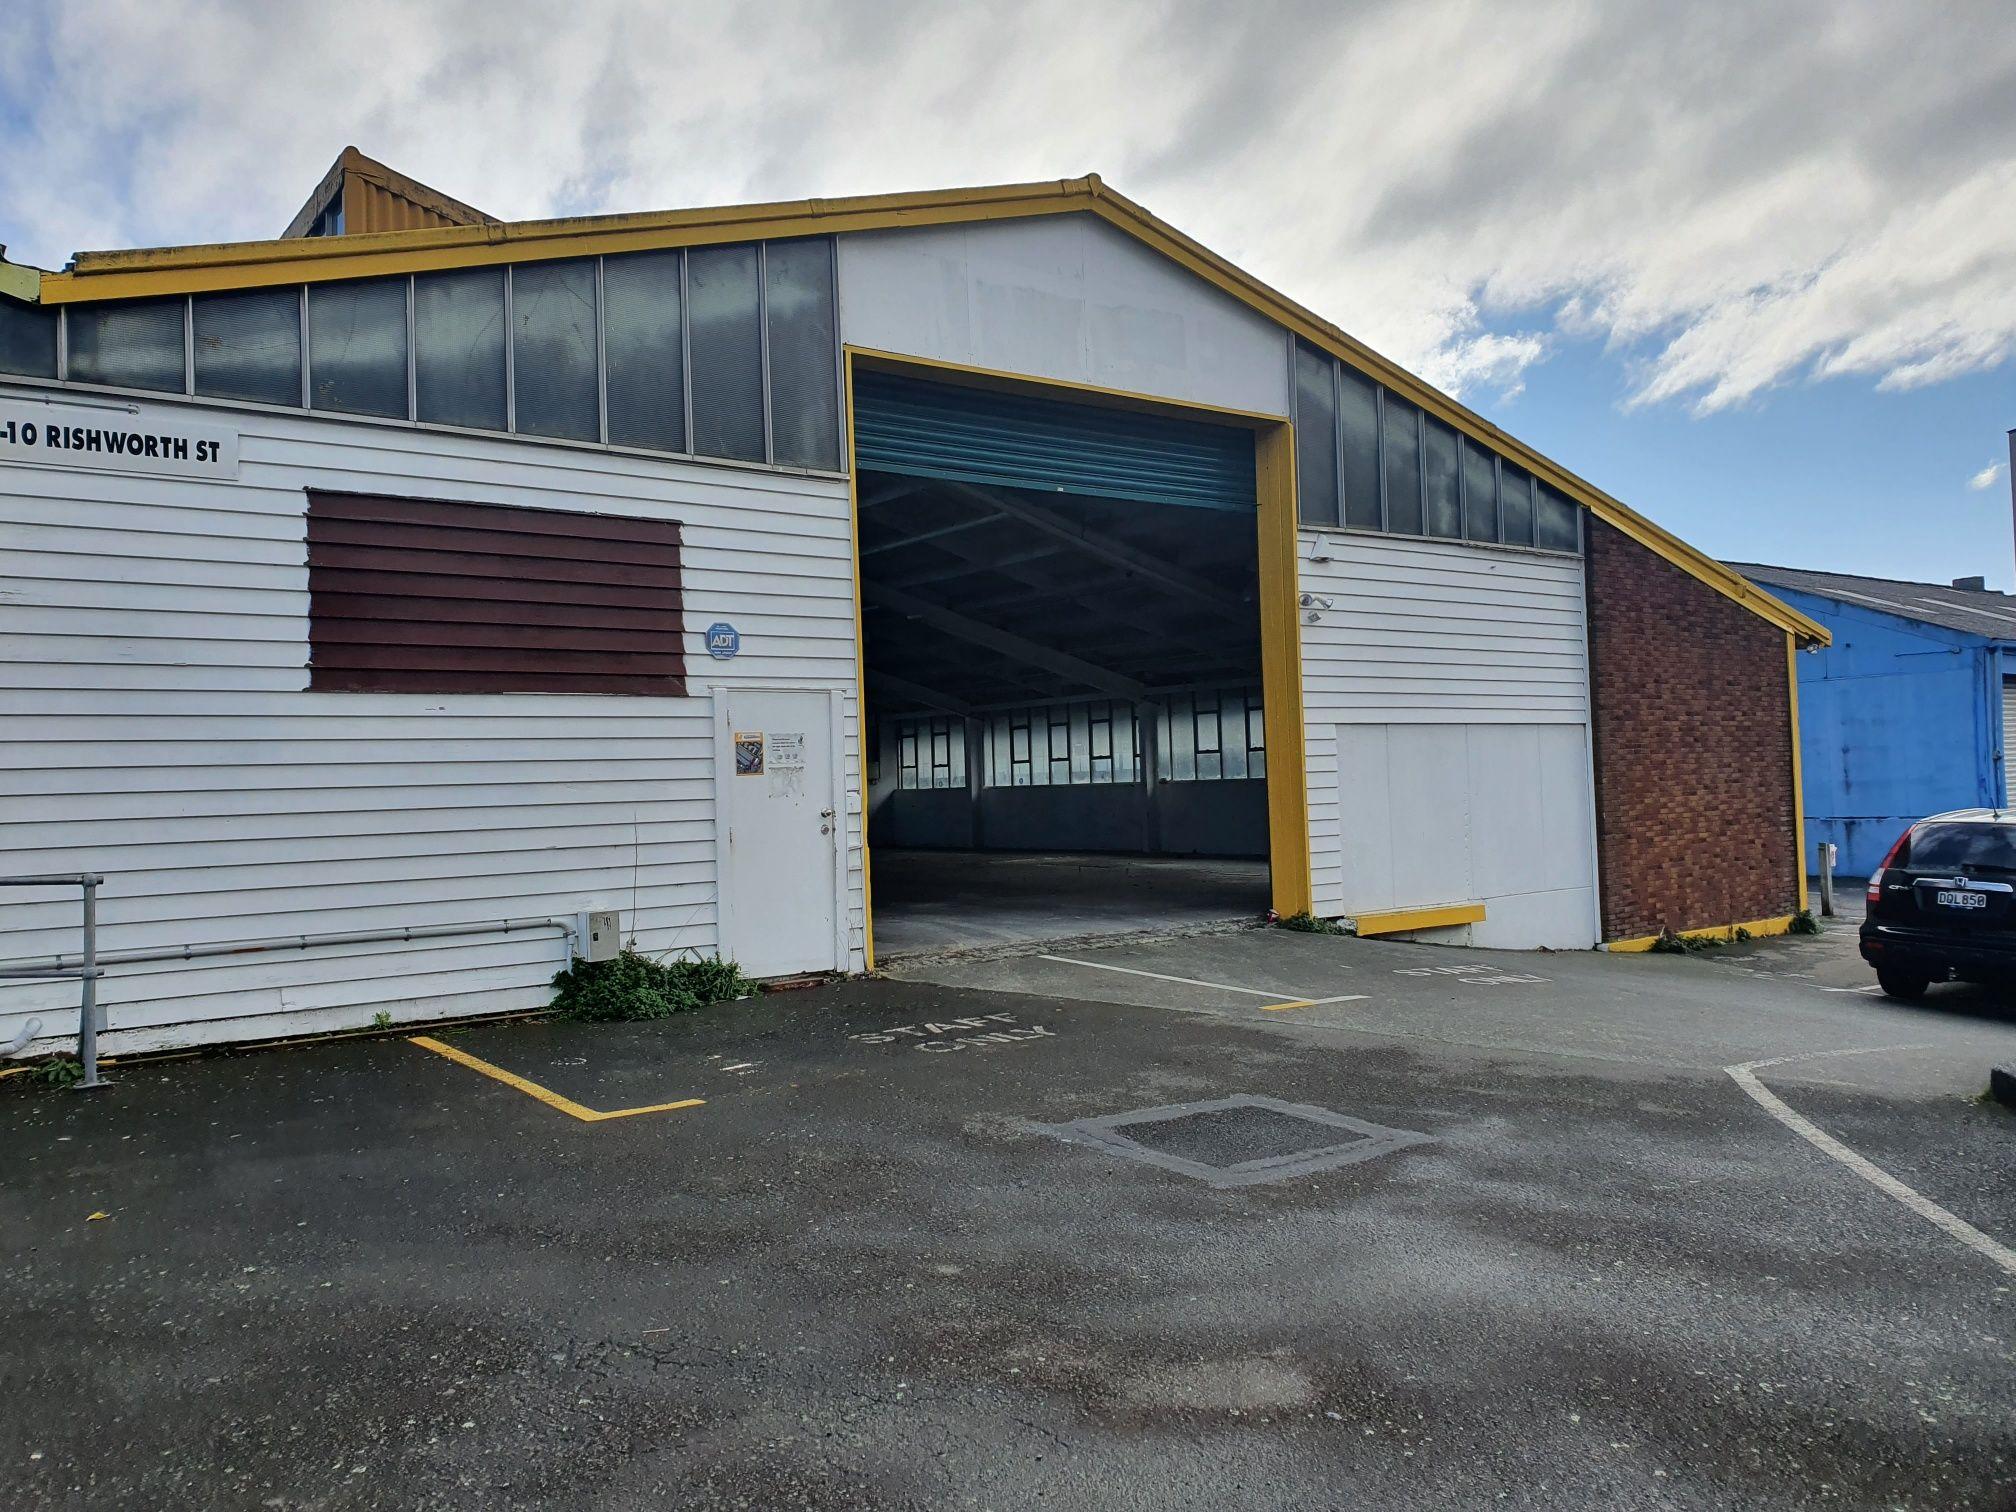 6-10 Rishworth, Waiwhetu